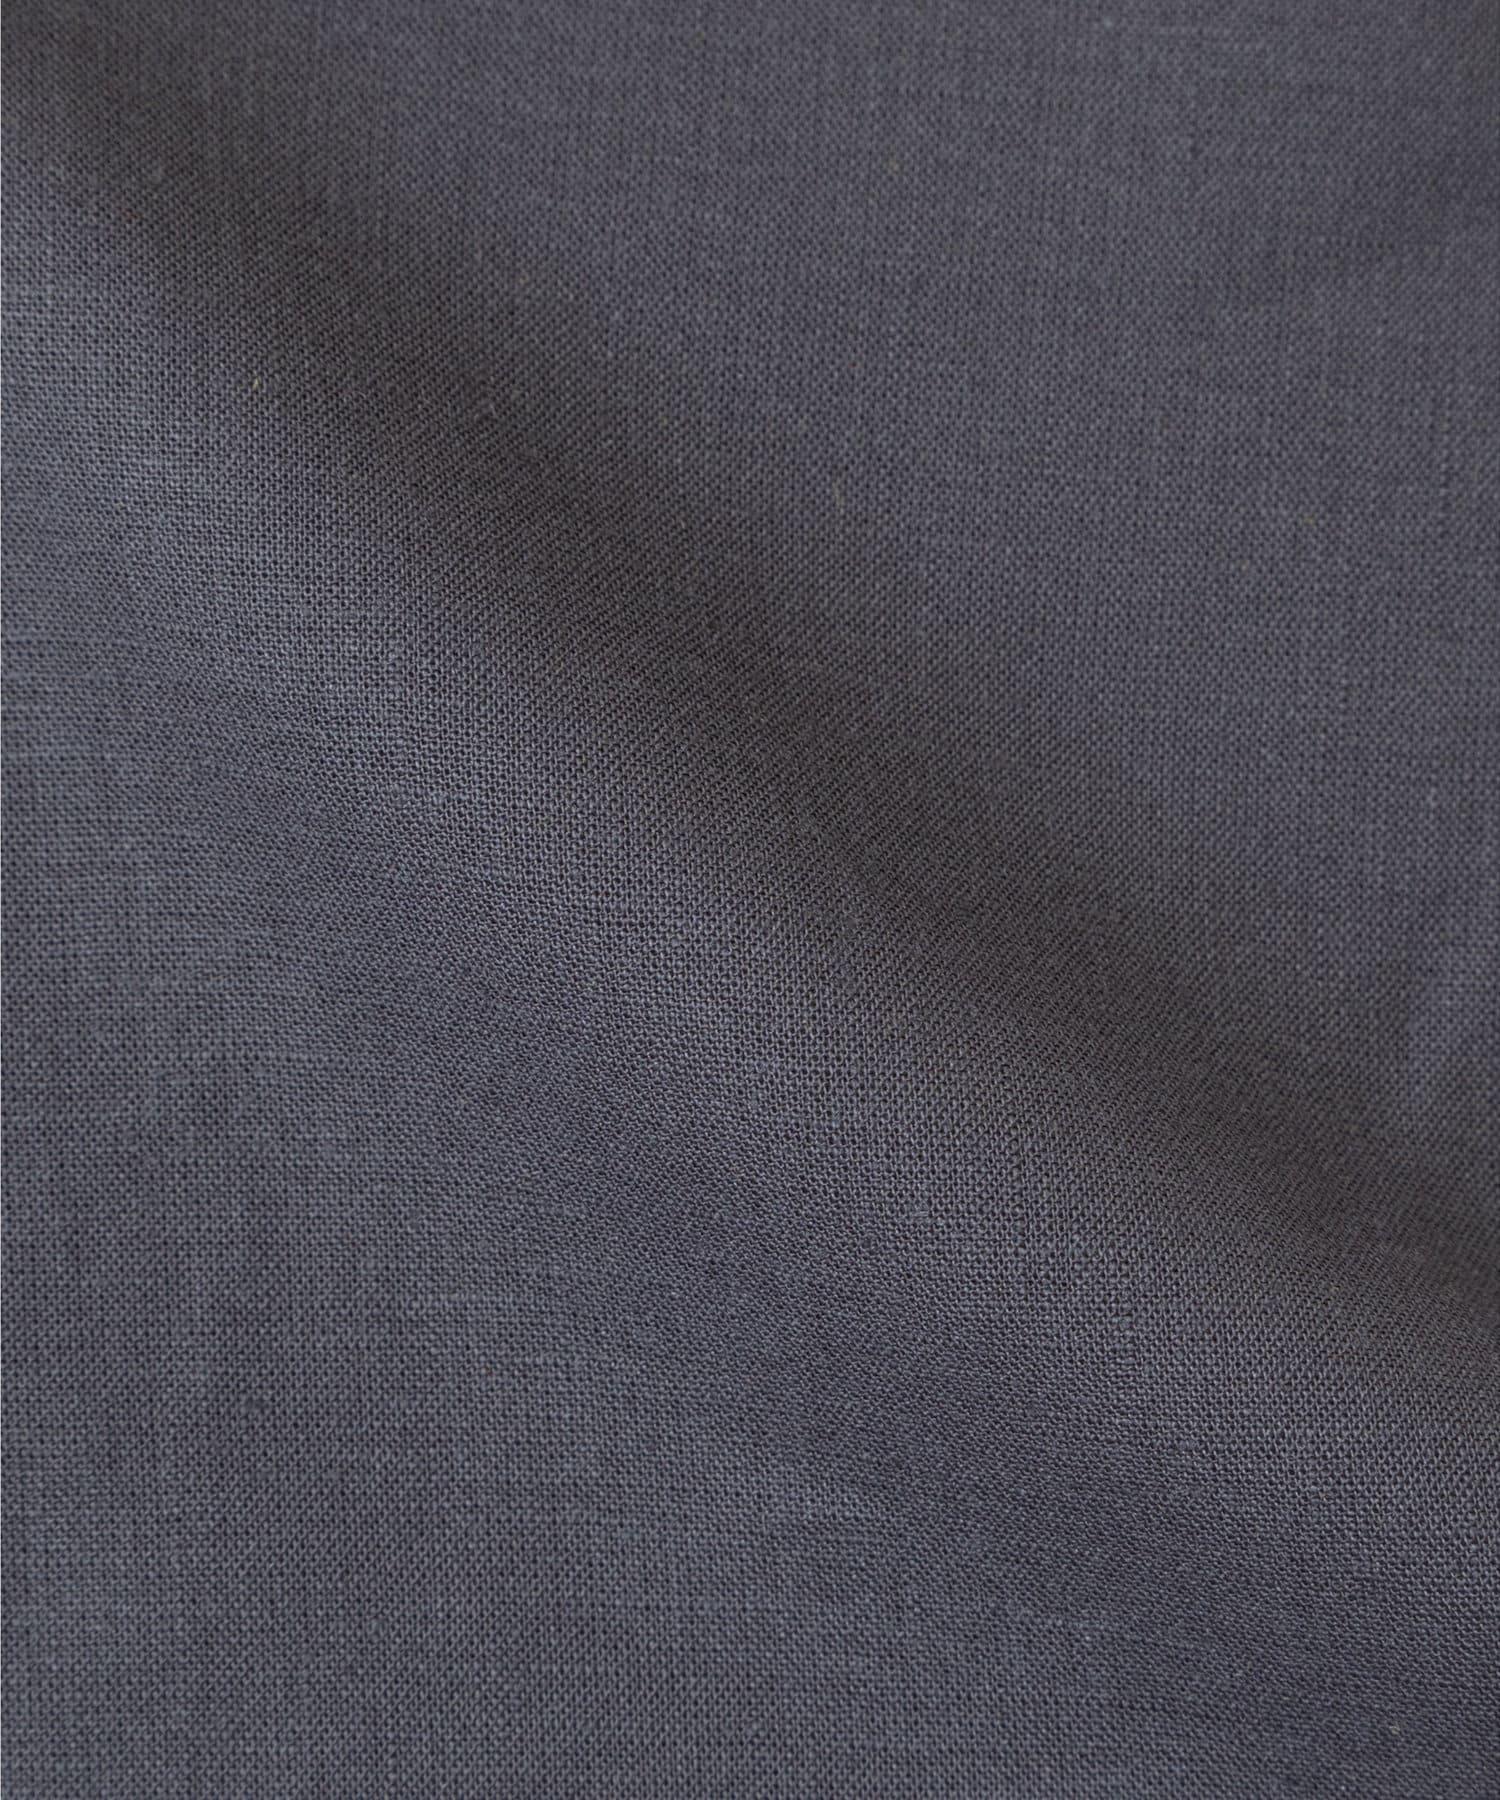 GALLARDAGALANTE(ガリャルダガランテ) リネンレーヨンドロストワンピース【オンラインストア限定商品】